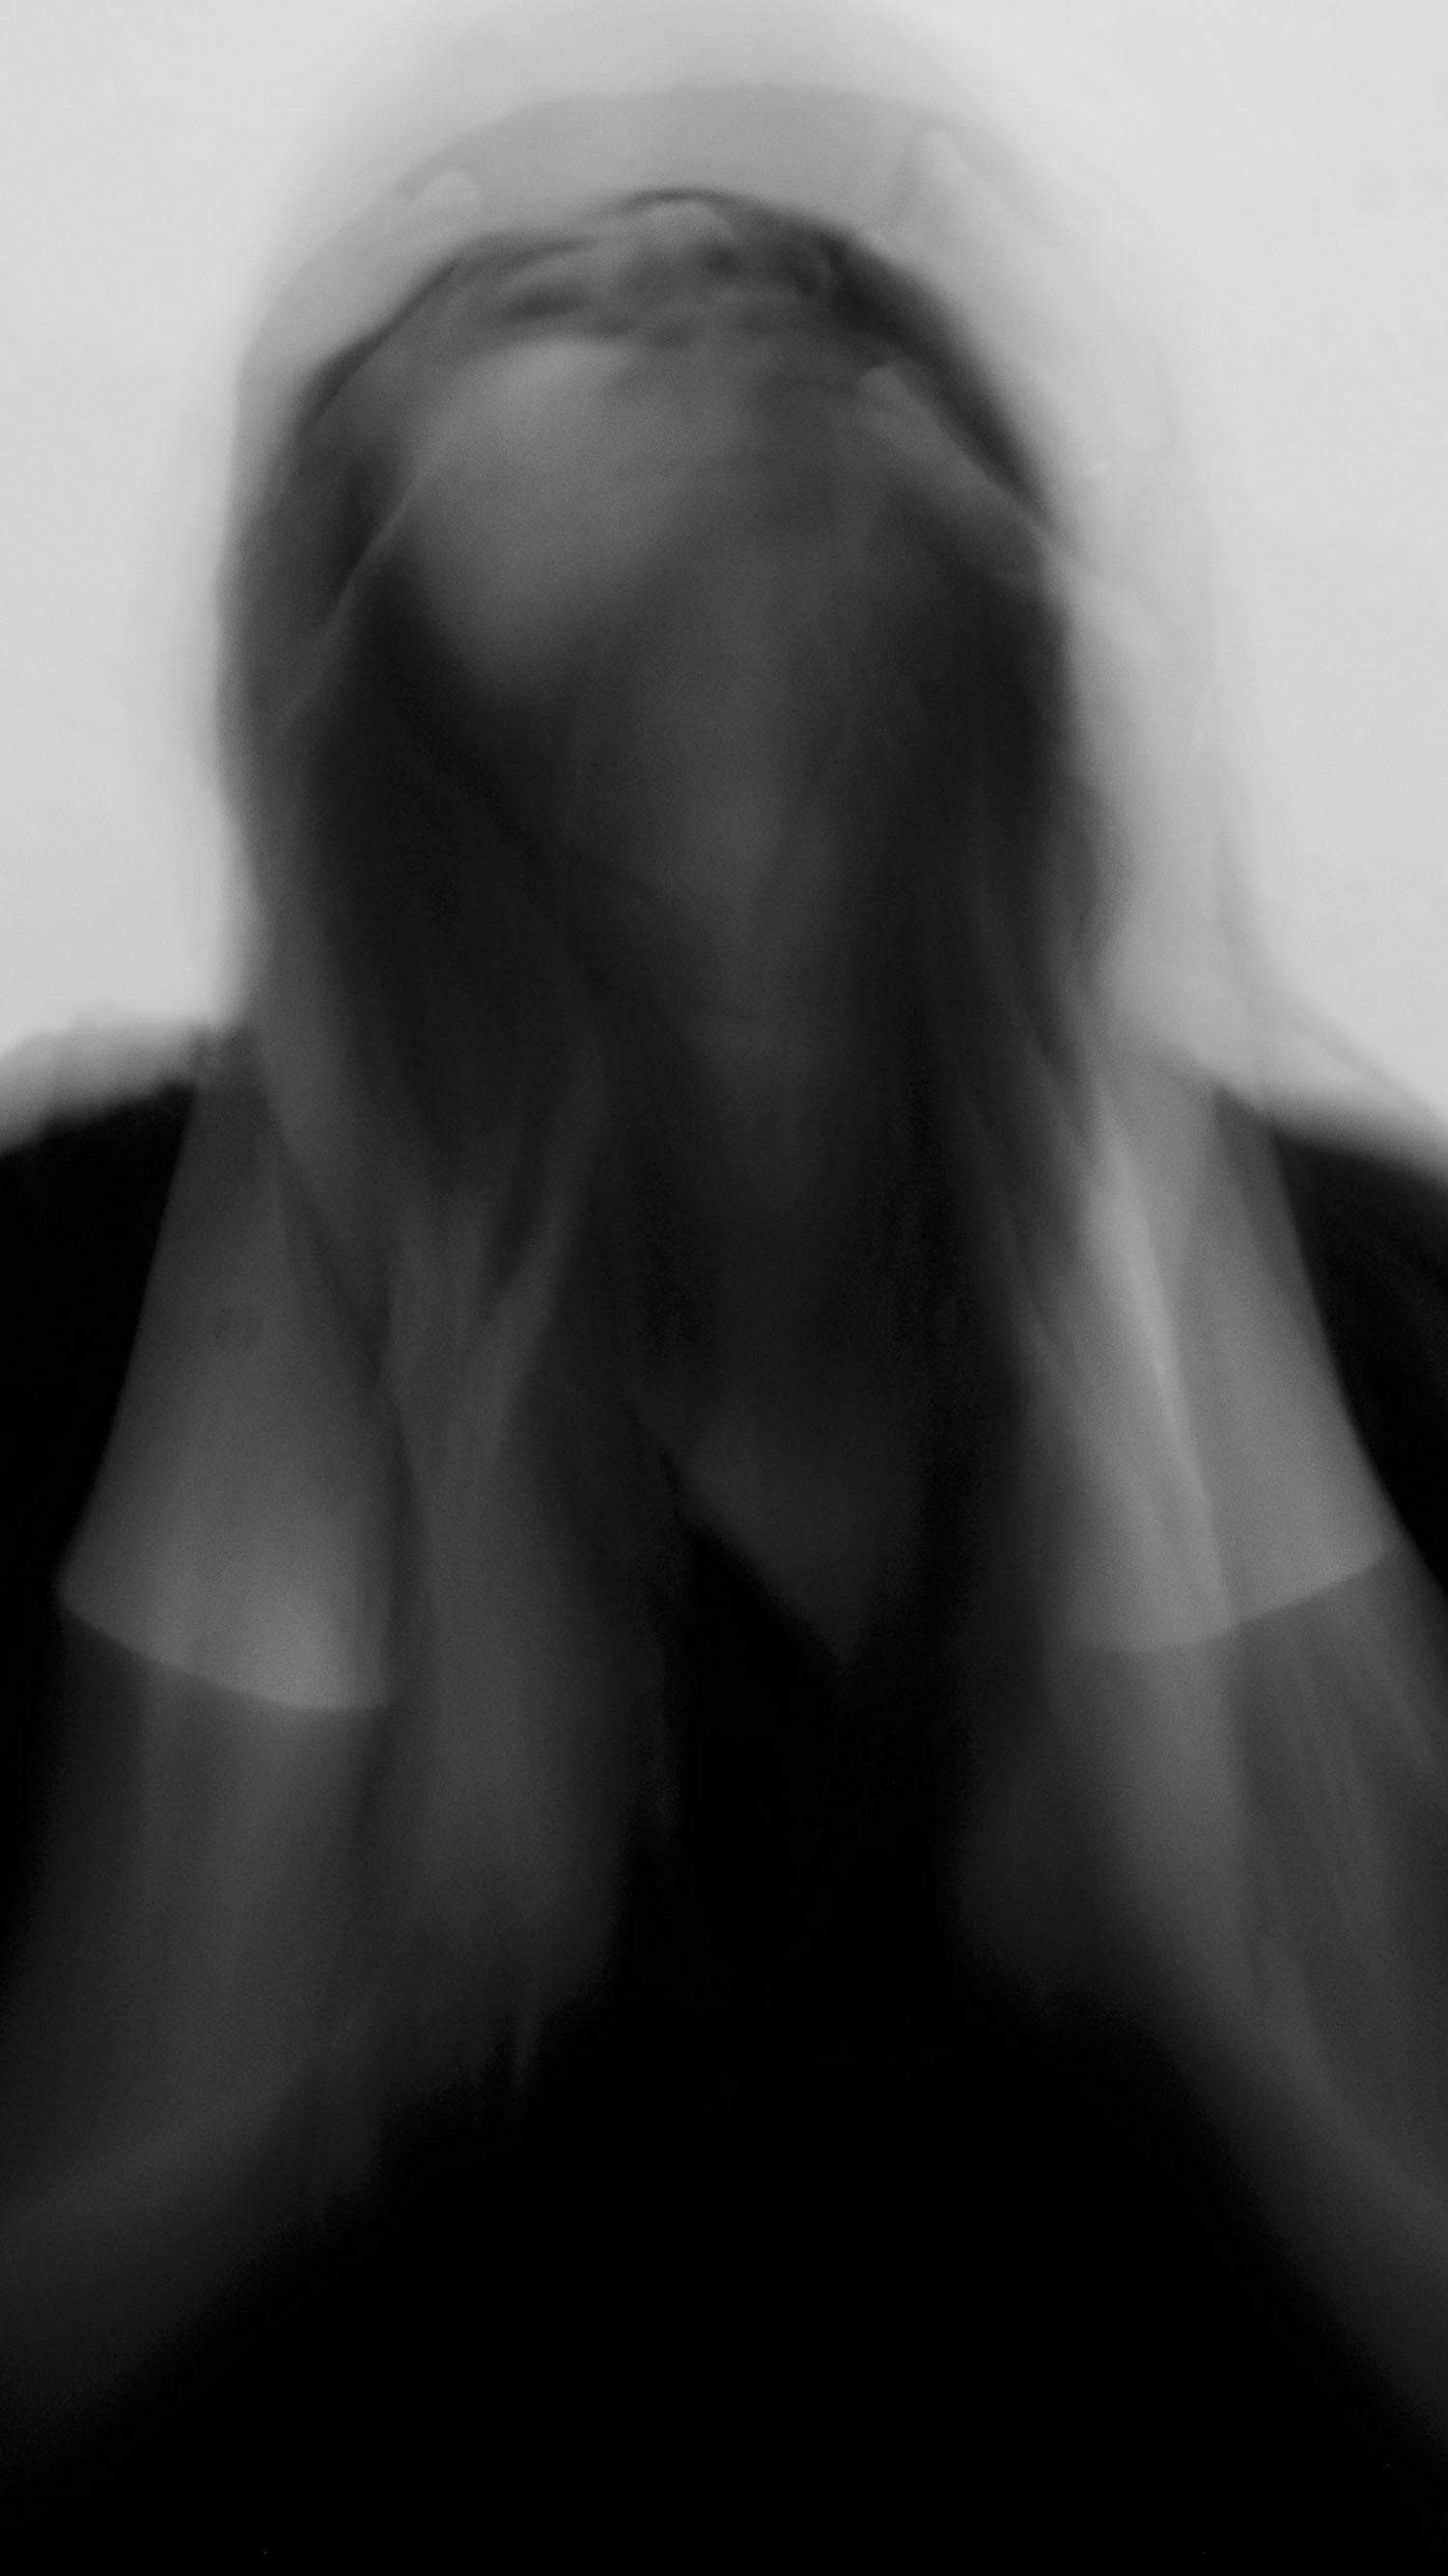 Safaa Mazirh, Autoportrait, #3